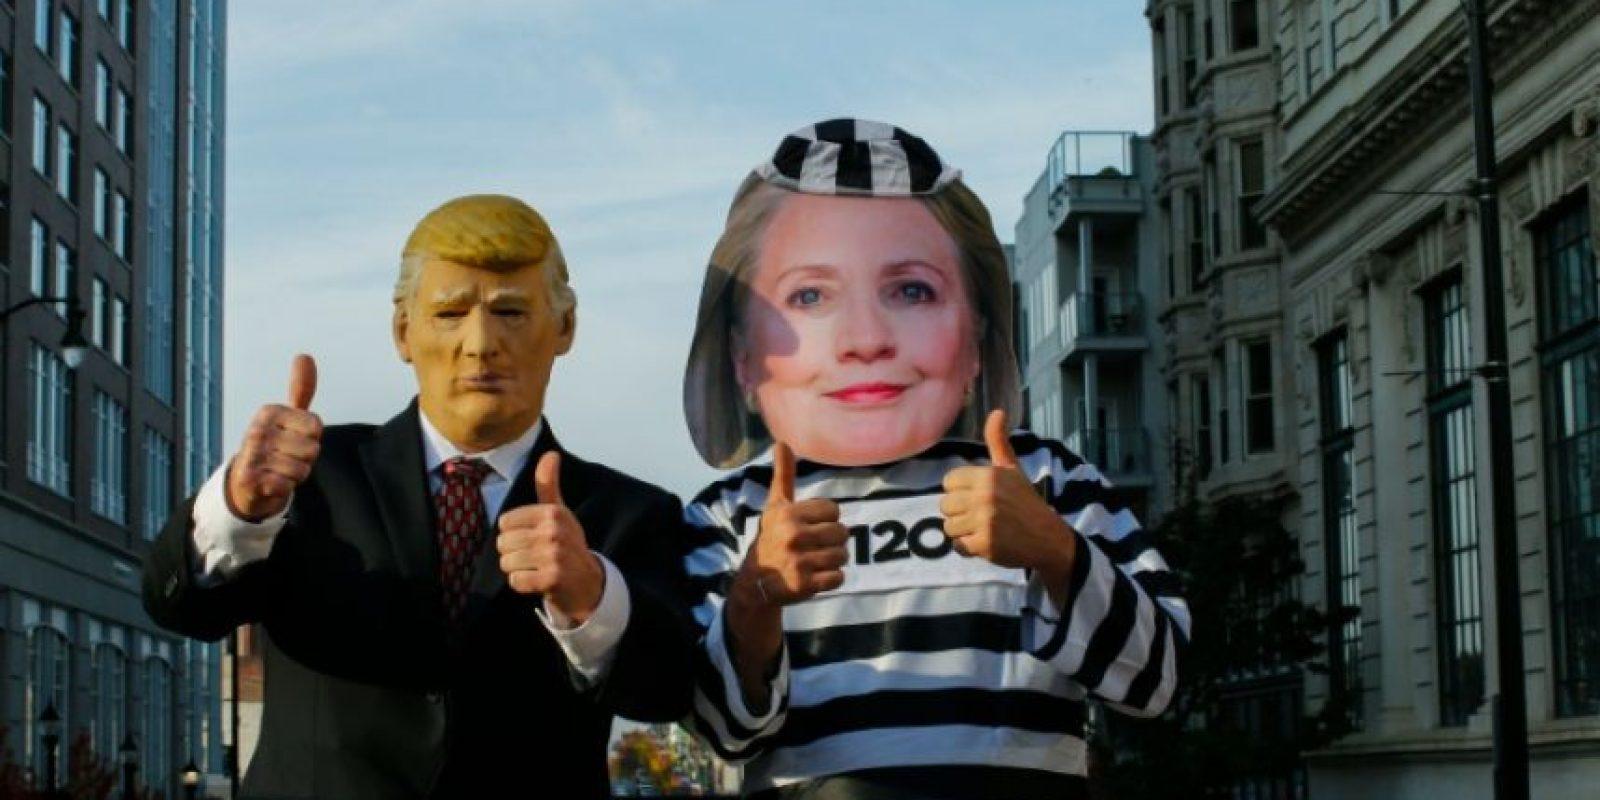 Unos partidarios del candidato presidencial republicano, disfrazados de Donald Trump (I) y de la candidata demócrata, Hillary Clinton (D), en una concentración de apoyo en Allentown, Pensilvania (EEUU), el 2 de noviembre de 2016 Foto:Eduardo Muñoz Álvarez/afp.com